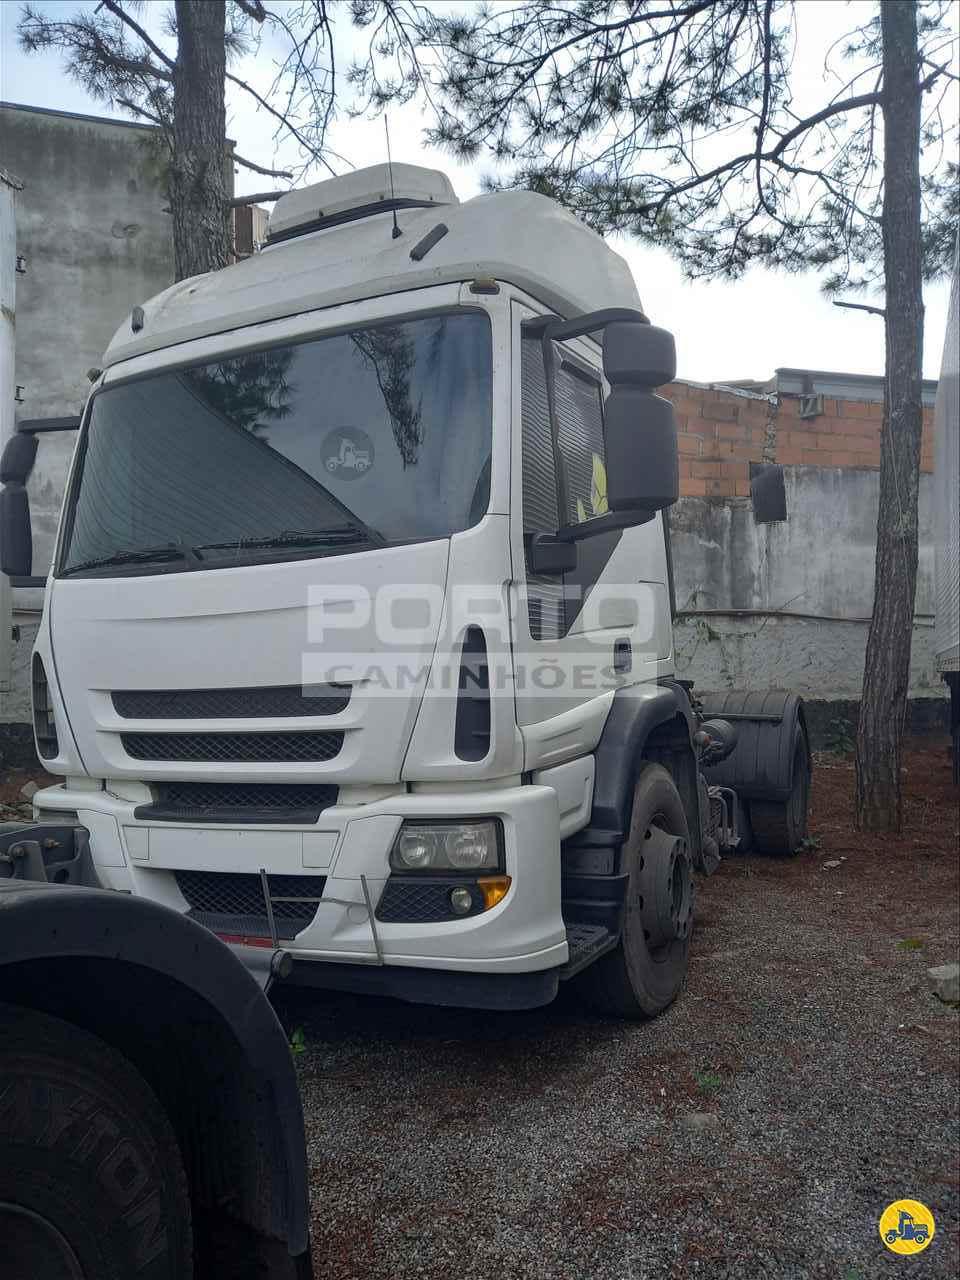 CURSOR 450E33 de Porto Caminhões - GUARULHOS/SP